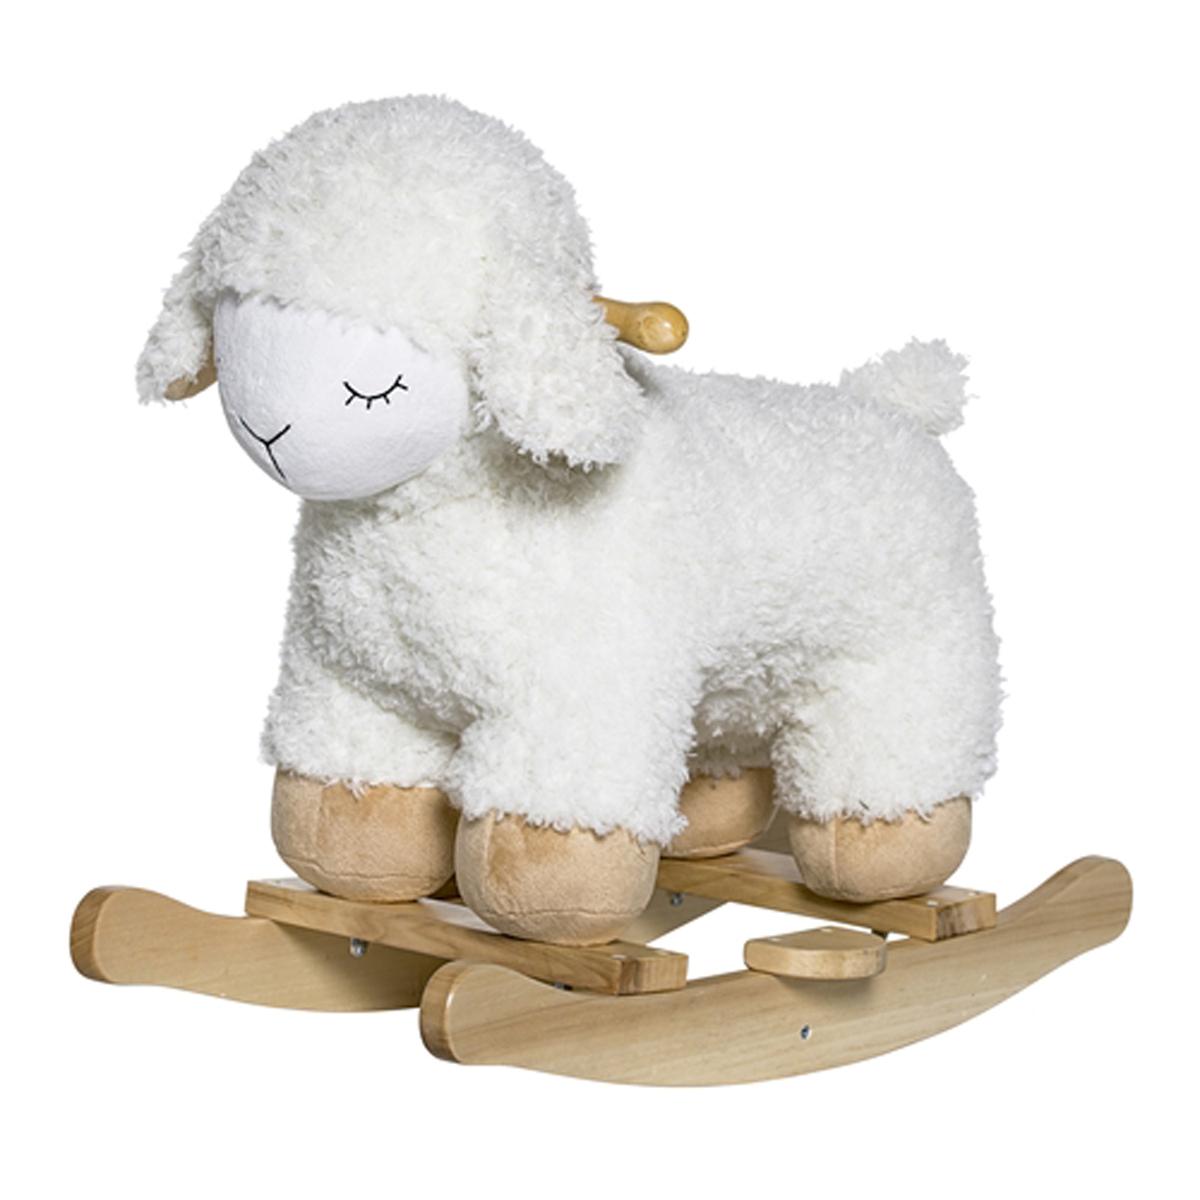 bloomingville mouton bascule blanc trotteur porteur bloomingville sur l 39 armoire de b b. Black Bedroom Furniture Sets. Home Design Ideas